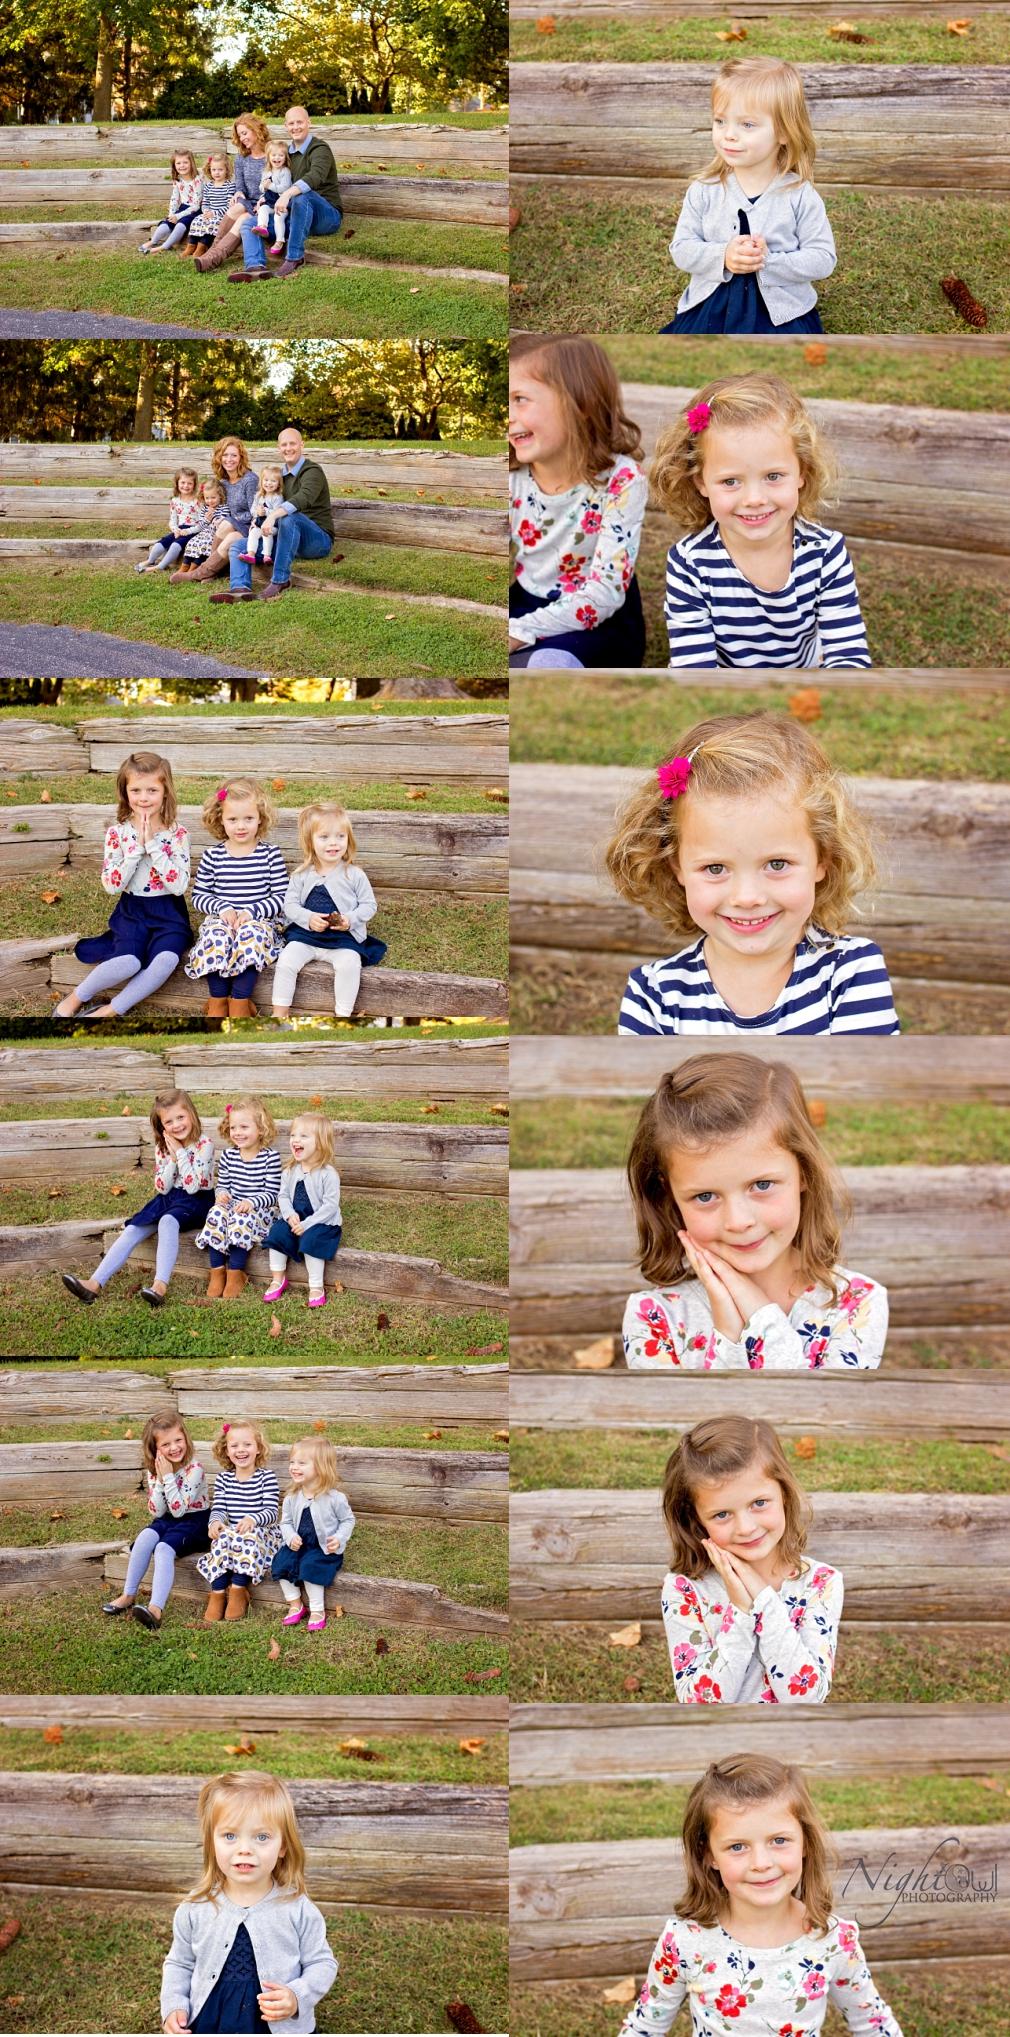 St. Joseph Michigan Newborn, Child and family Photographer_0320-1.jpg